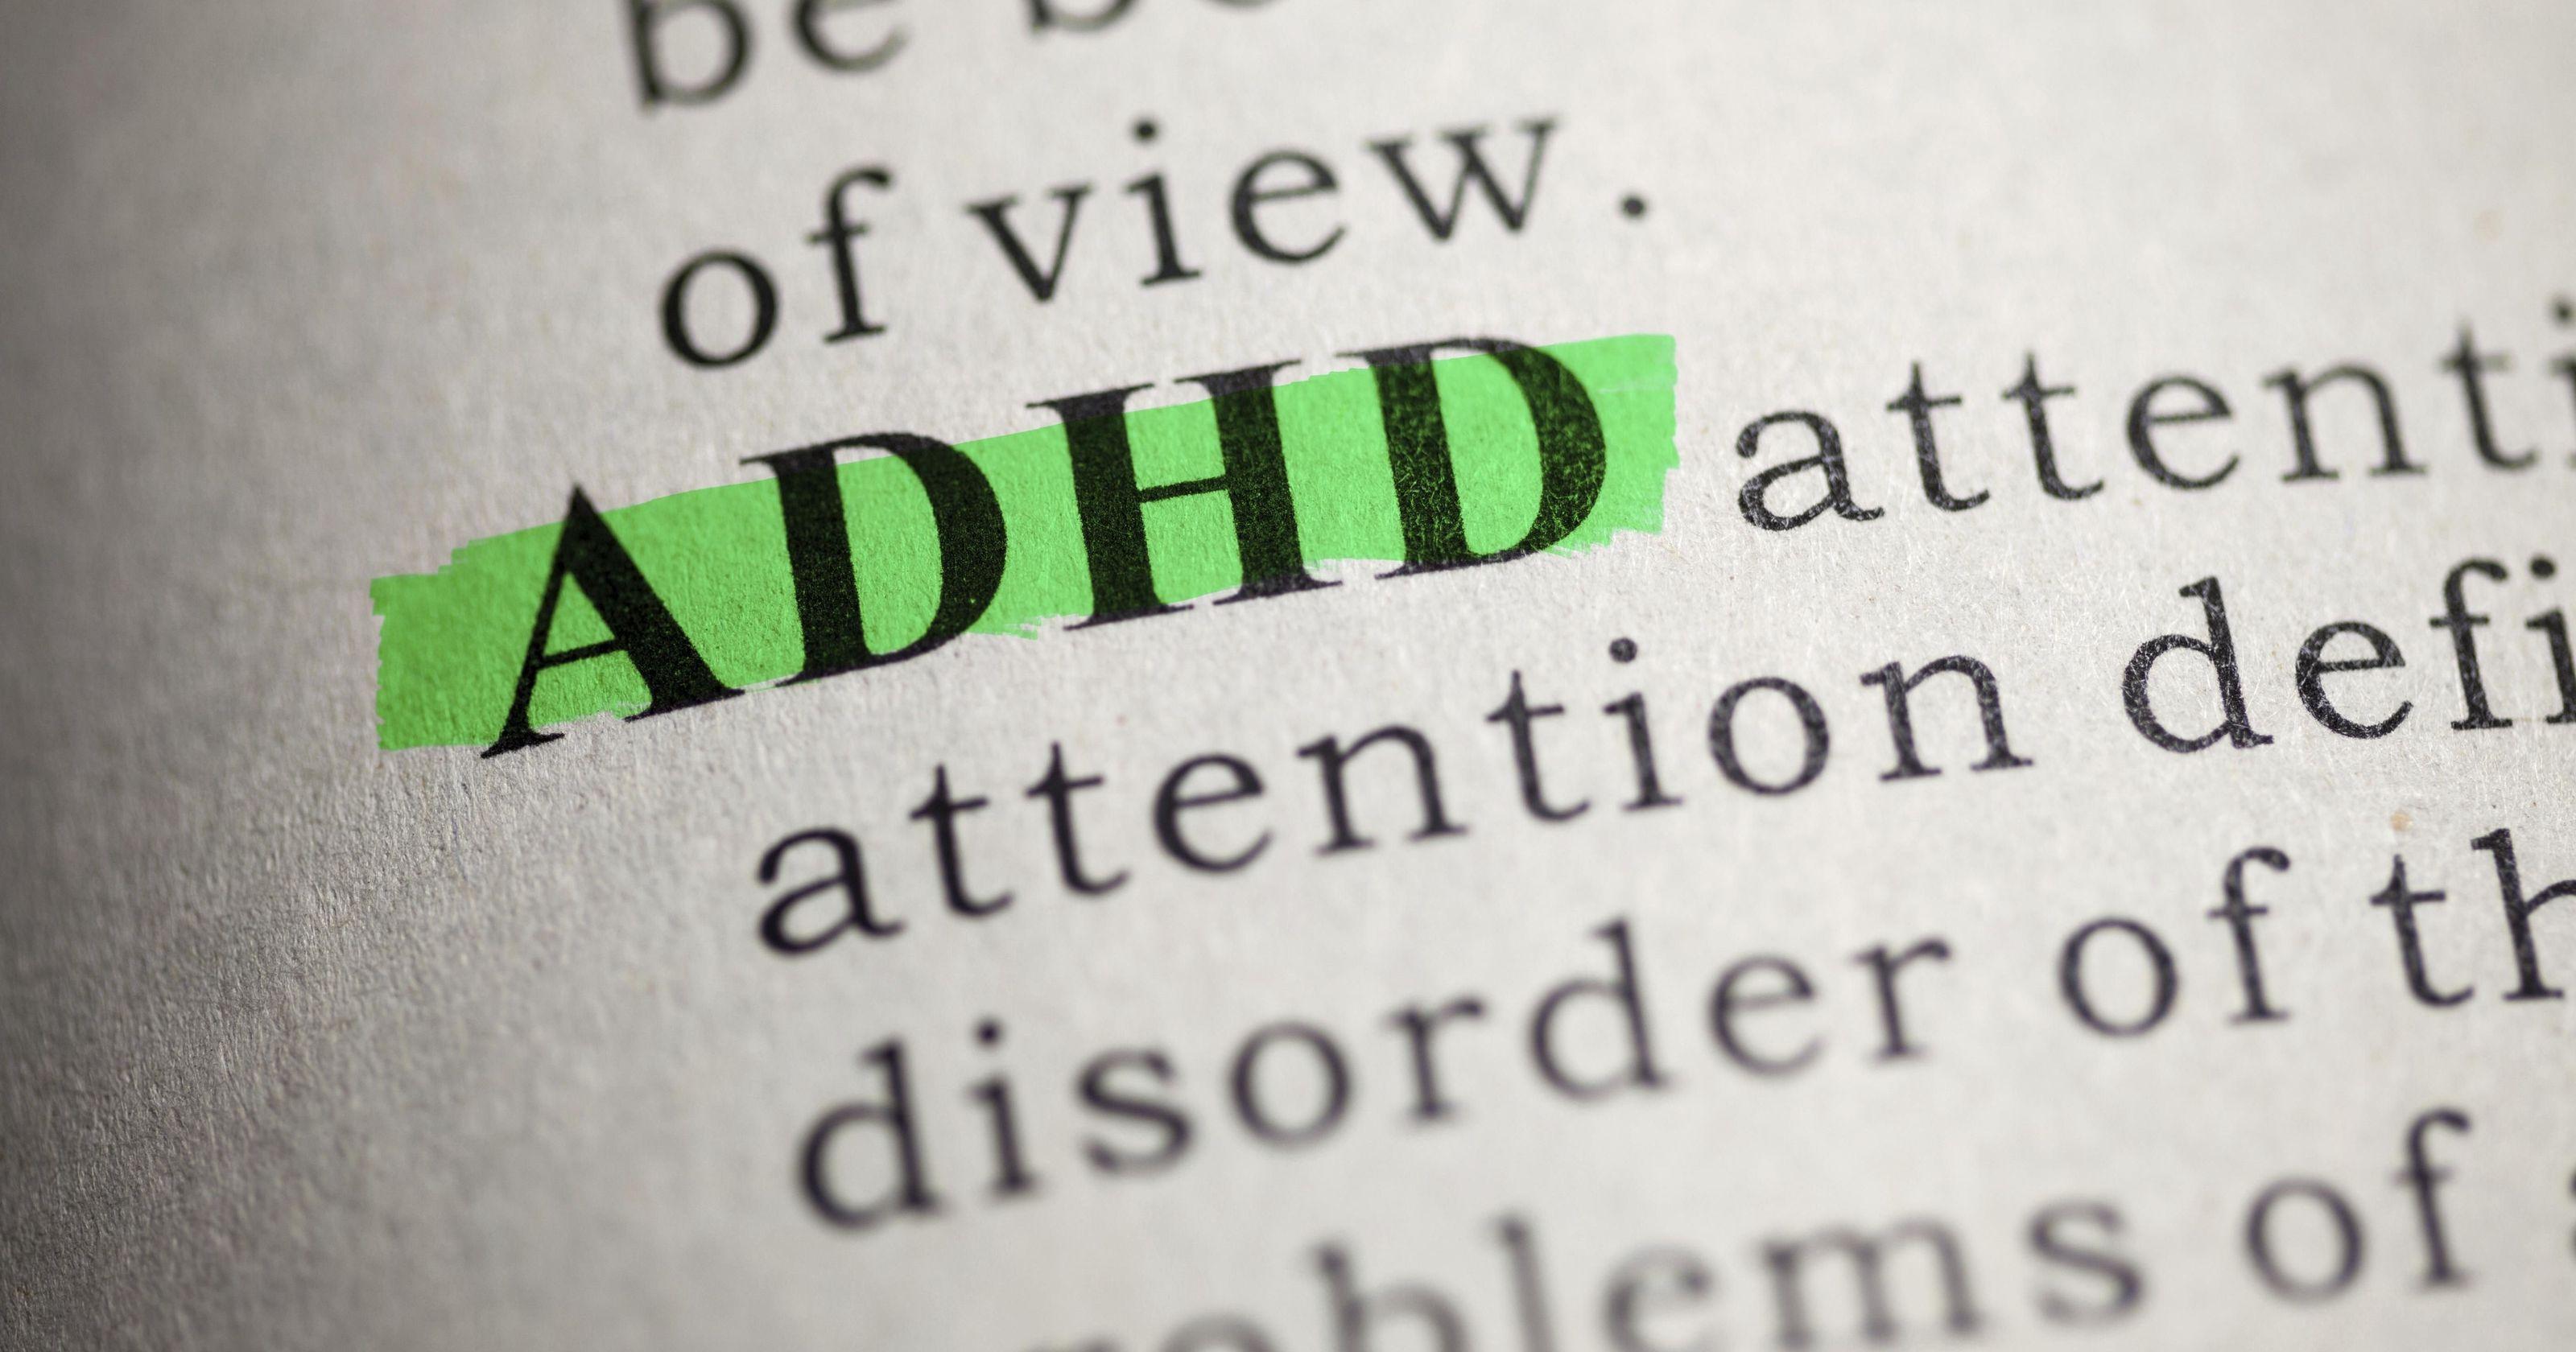 Học từ vựng tiếng Nhật qua phim ngắn: Cuộc sống của người ADHD như thế nào?